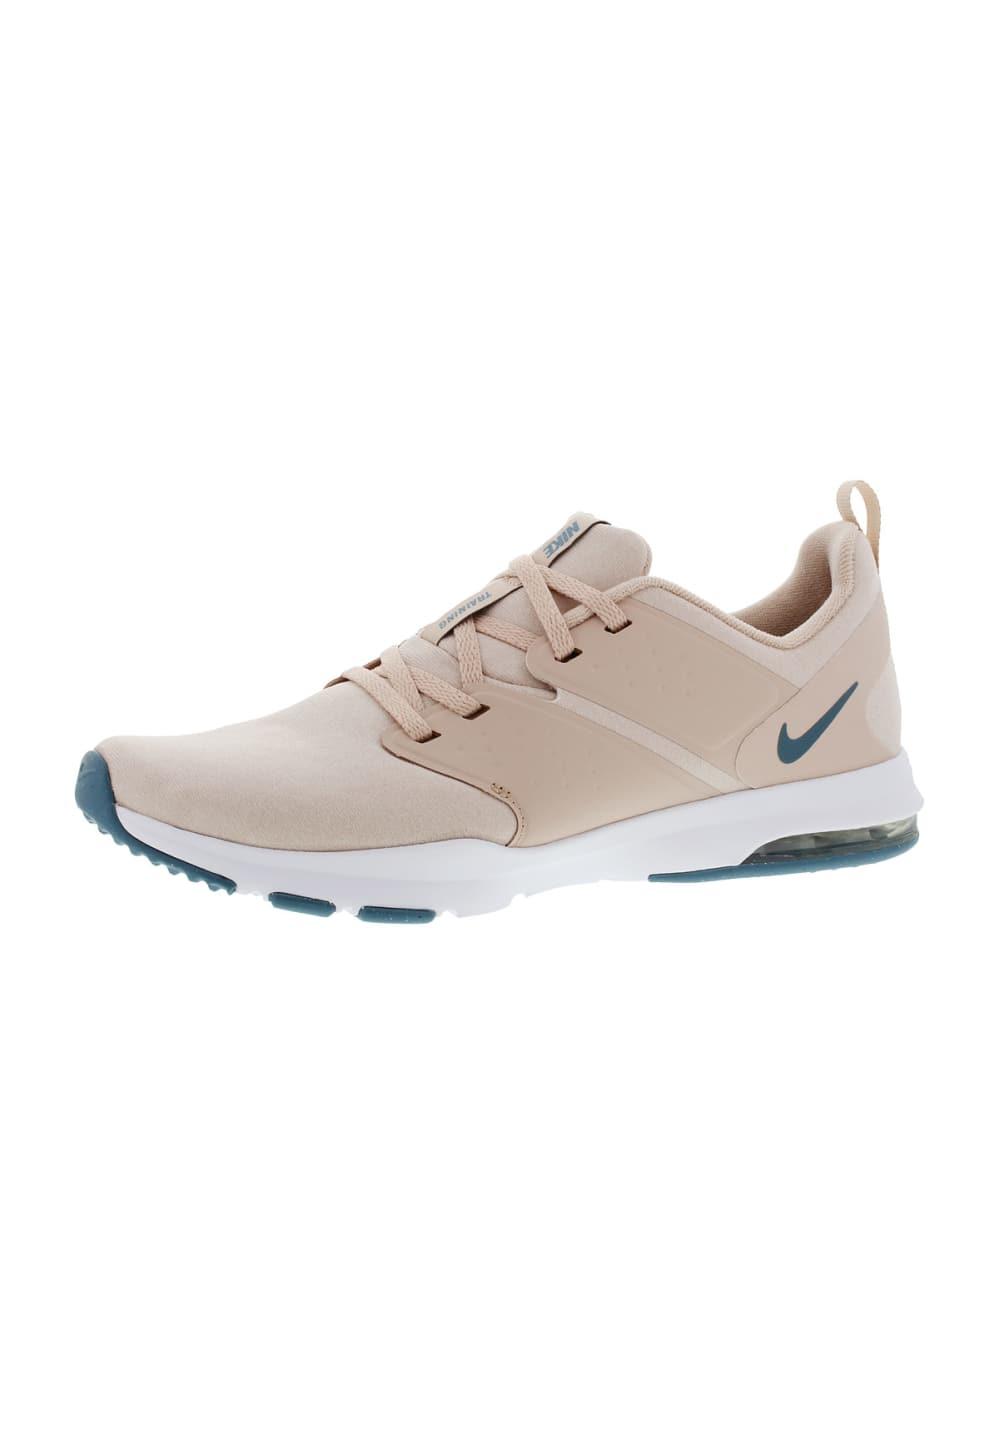 Sportschuhe für Frauen - Nike Air Bella Tr Fitnessschuhe für Damen Beige  - Onlineshop 21Run